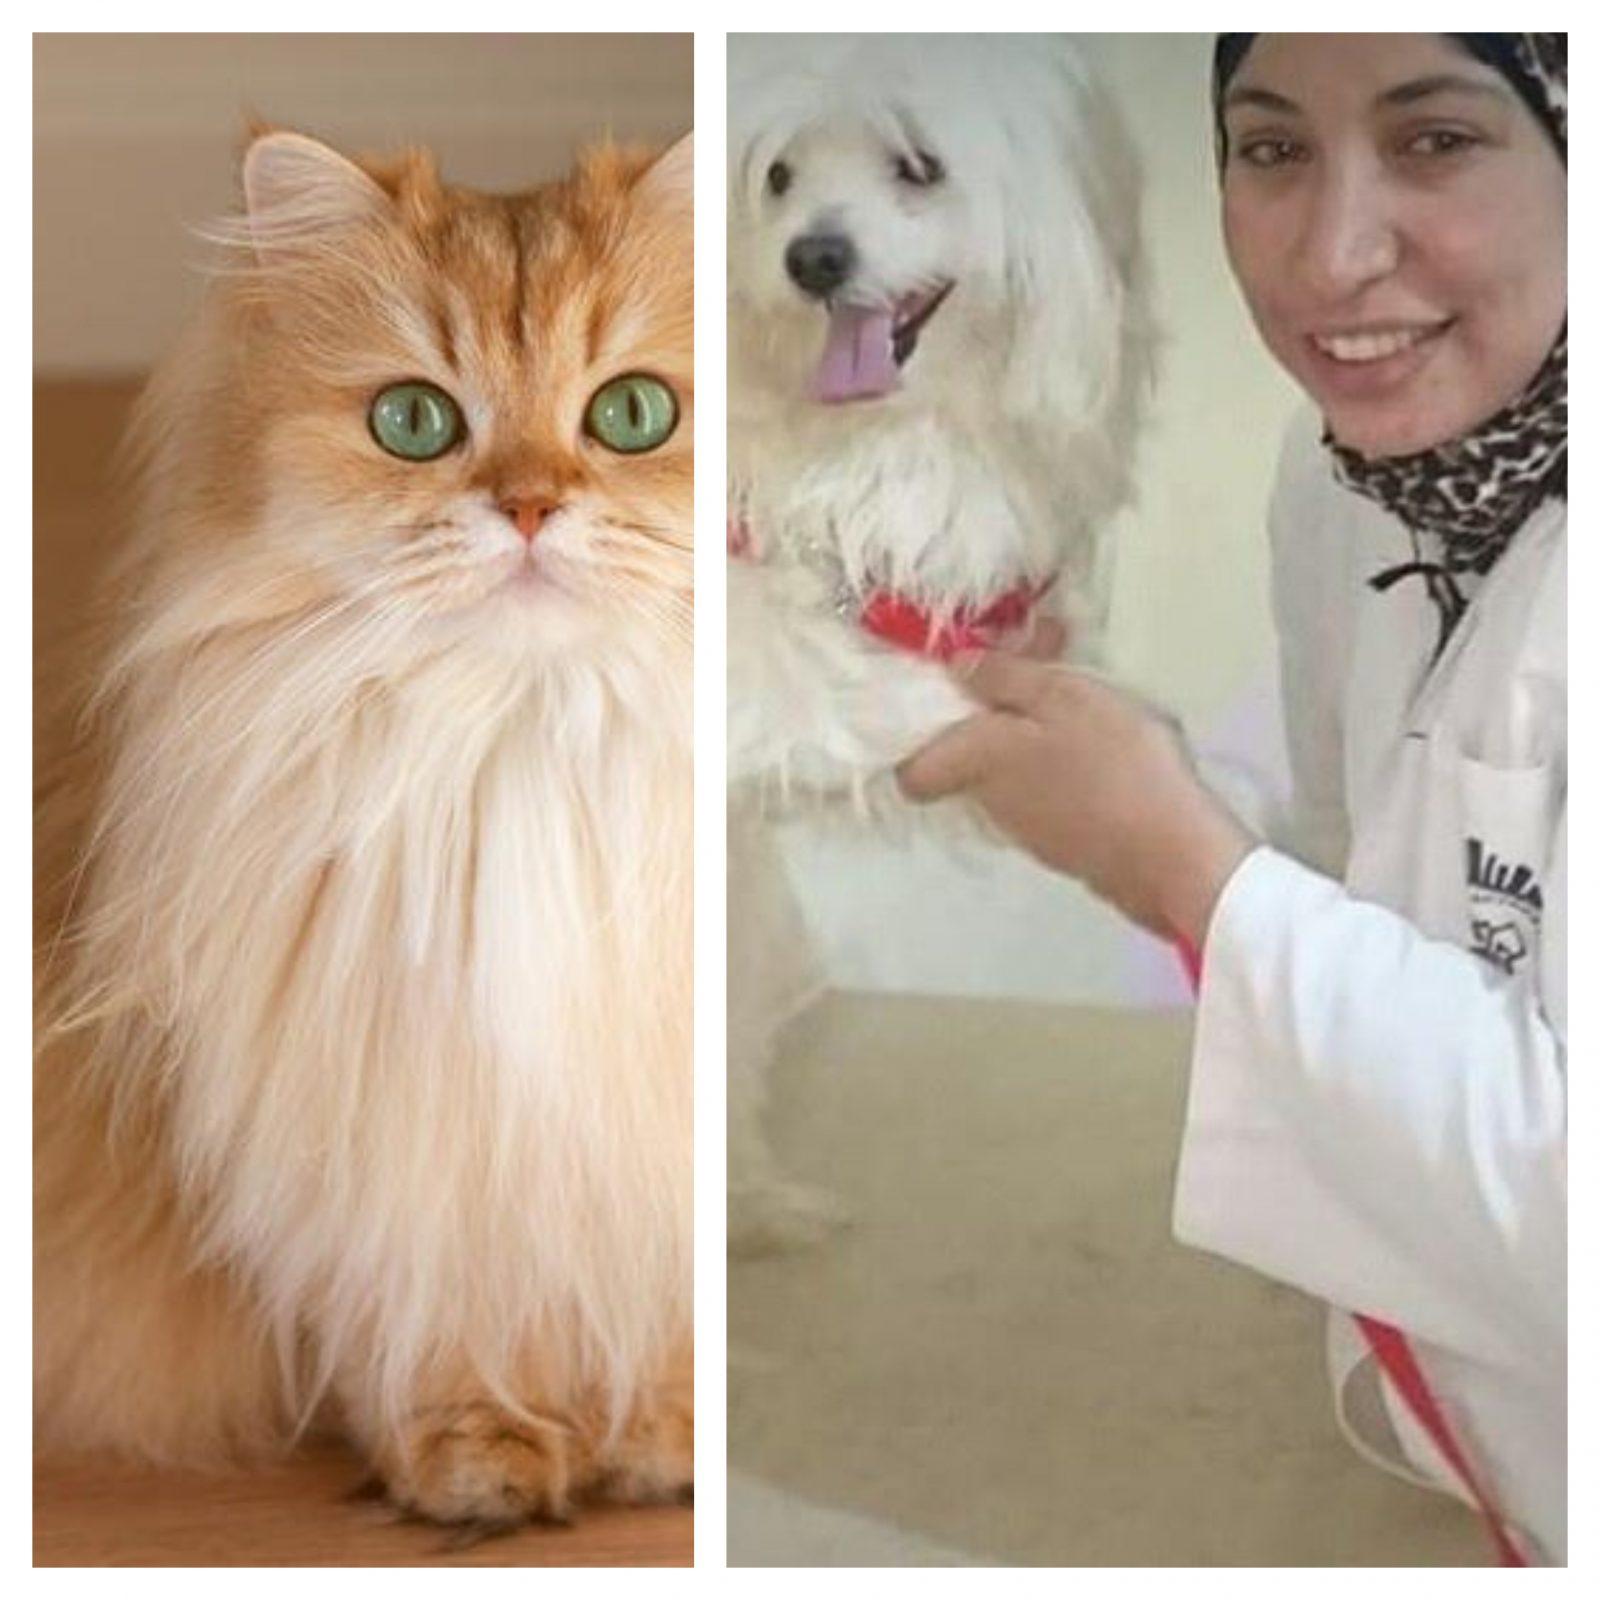 د سمر عبدالرحمن تكتب: كيف تحمي بناتك من مخاطر القطط...نصائح ووقاية